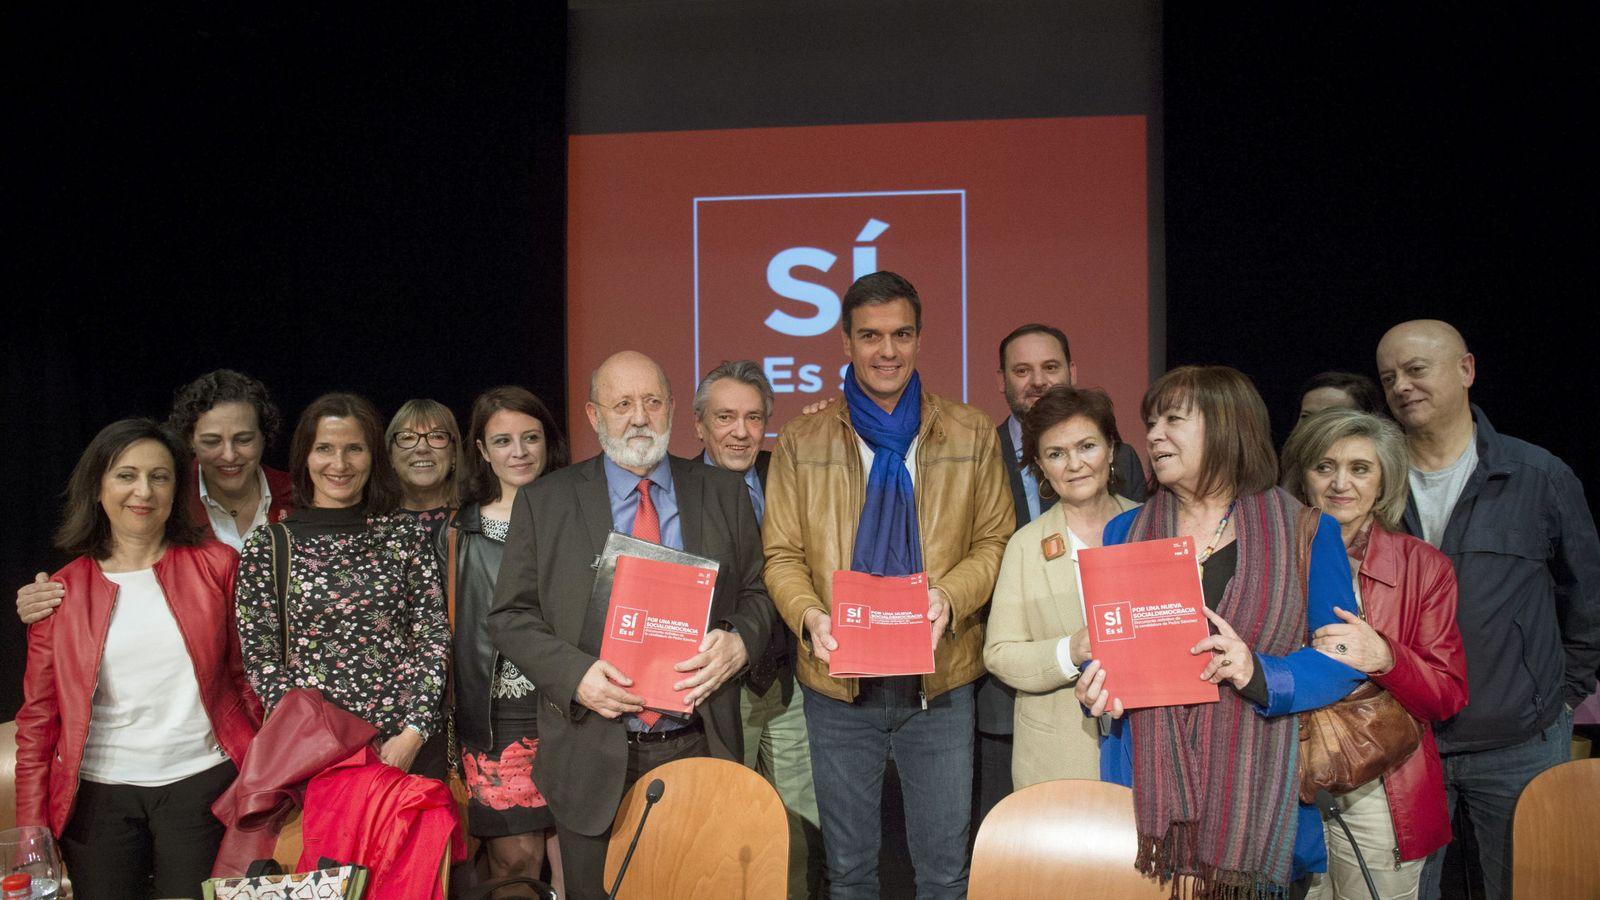 Foto: Pedro Sánchez, en la presentación de su proyecto, con José Félix Tezanos, Manu Escudero, Carmen Calvo y Cristina Narbona, entre otros, el pasado 11 de mayo. (EFE)